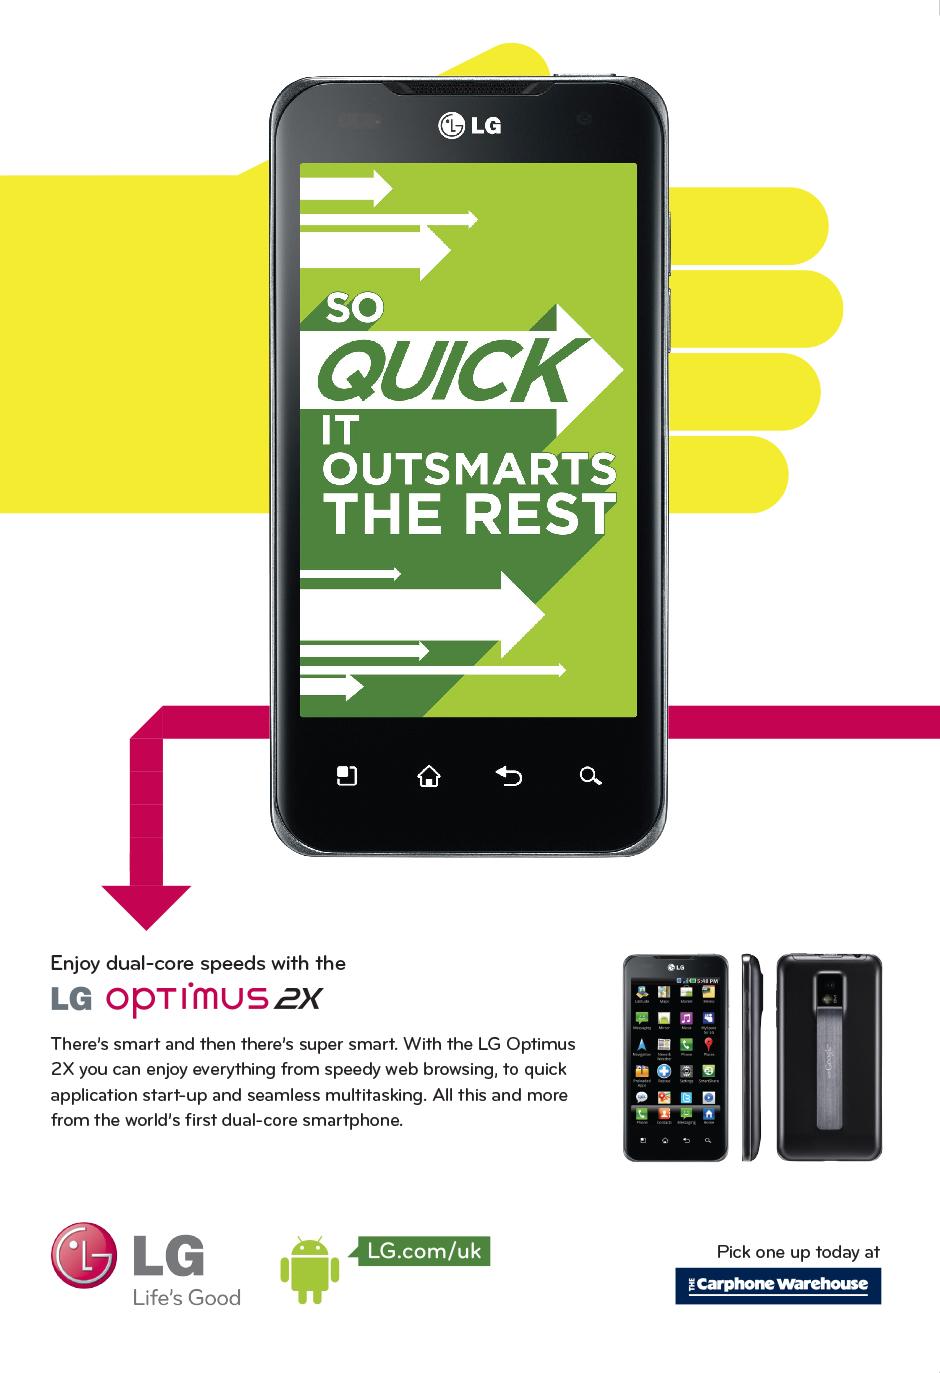 LG_Print_2X